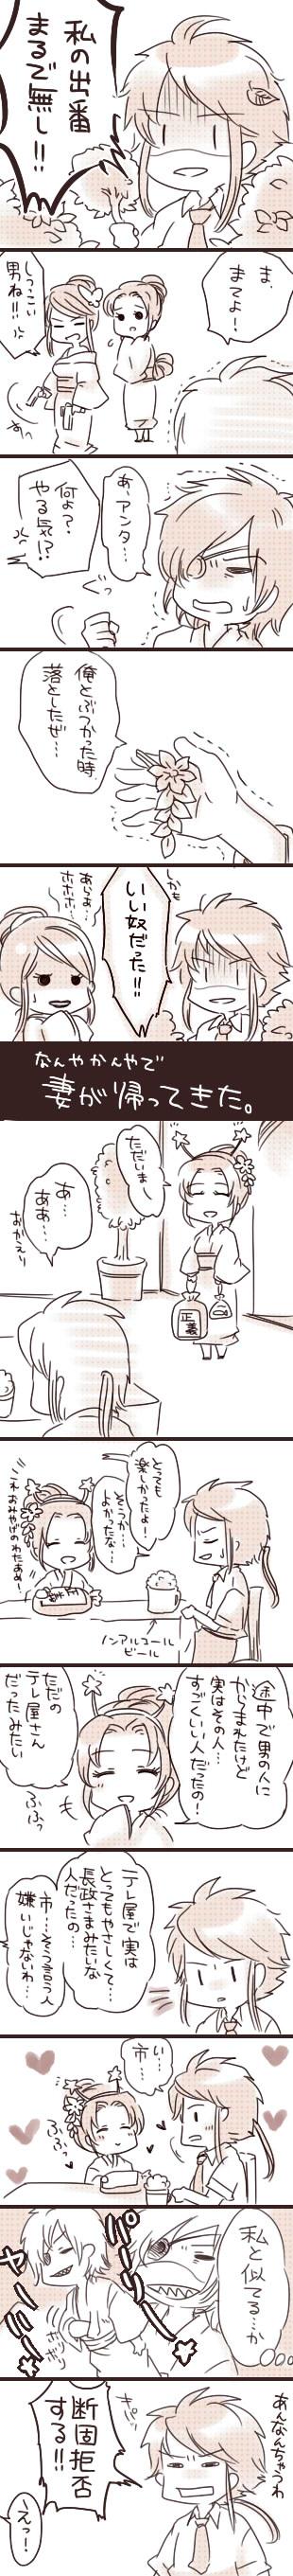 Tags: Anime, Sengoku Basara, Azai Nagamasa (Sengoku Basara), Nouhime (Sengoku Basara), Date Masamune (Sengoku Basara), Oichi (Sengoku Basara), Pixiv, Devil Kings